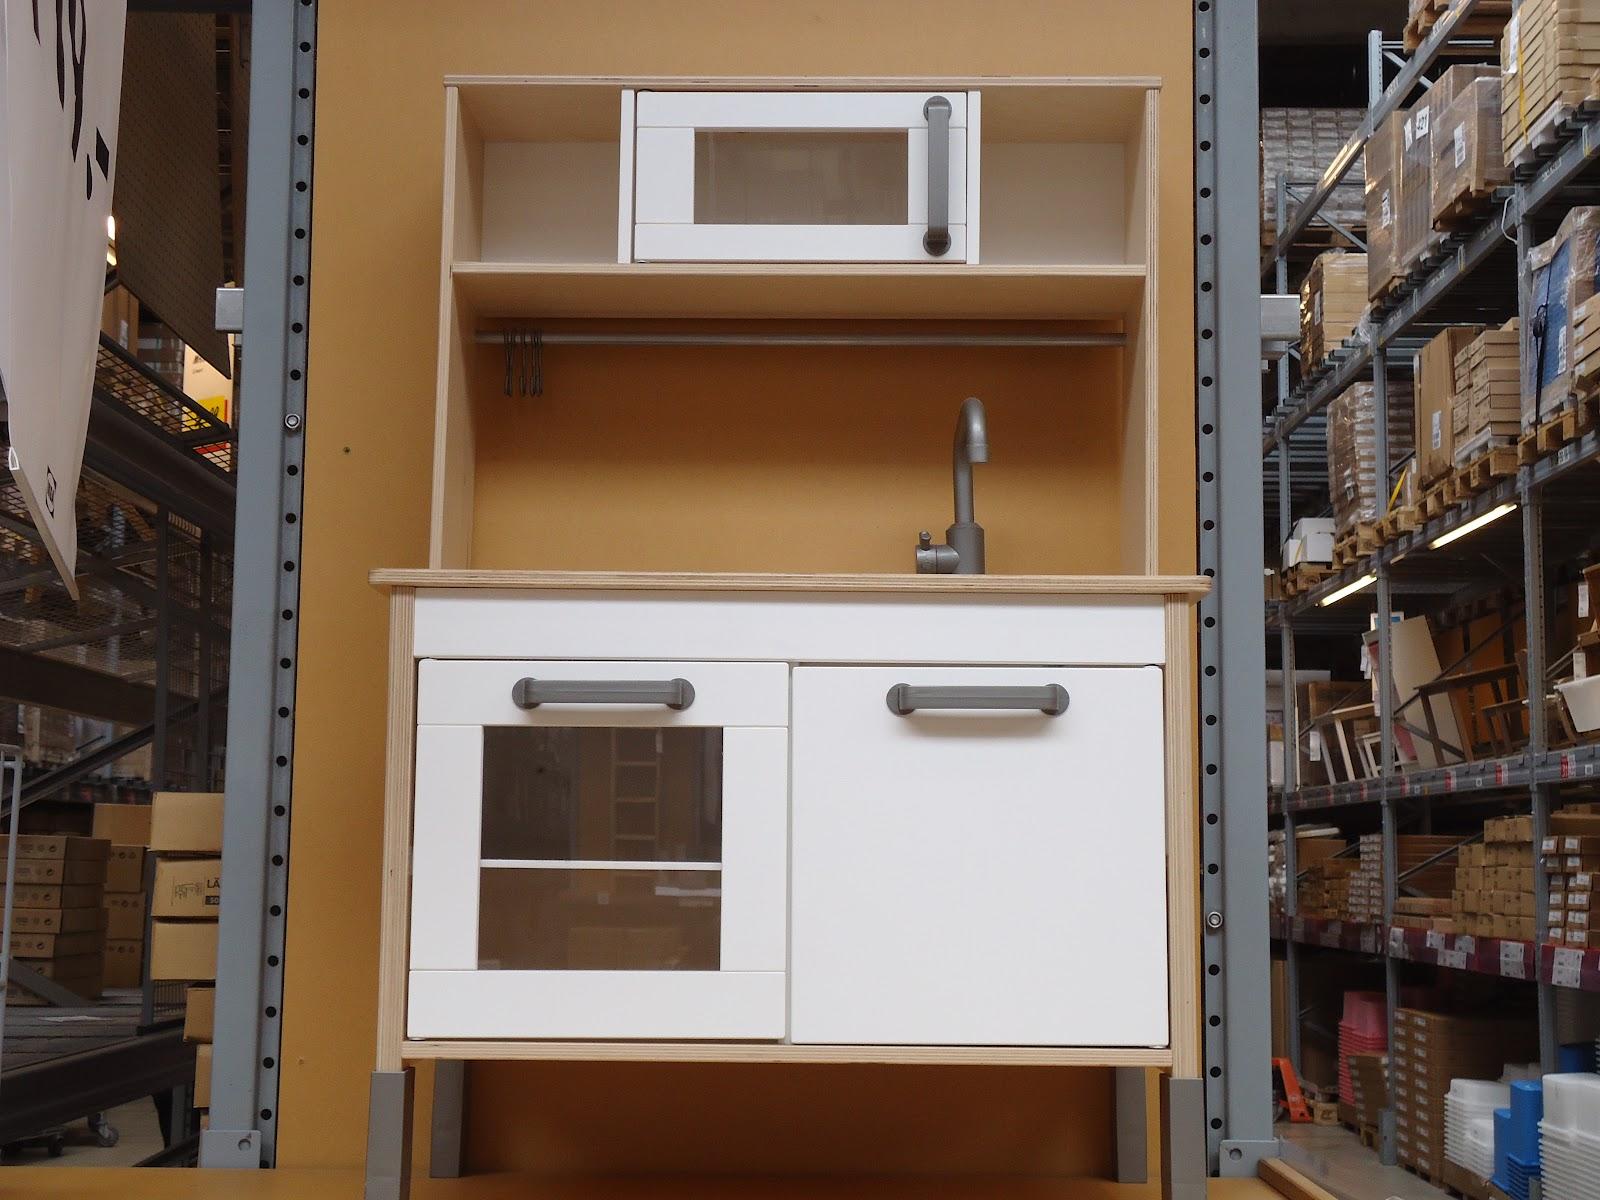 Full Size of Küche Ikea Kosten Miniküche Betten Bei Sofa Mit Schlaffunktion Modulküche 160x200 Kaufen Wohnzimmer Ikea Miniküchen